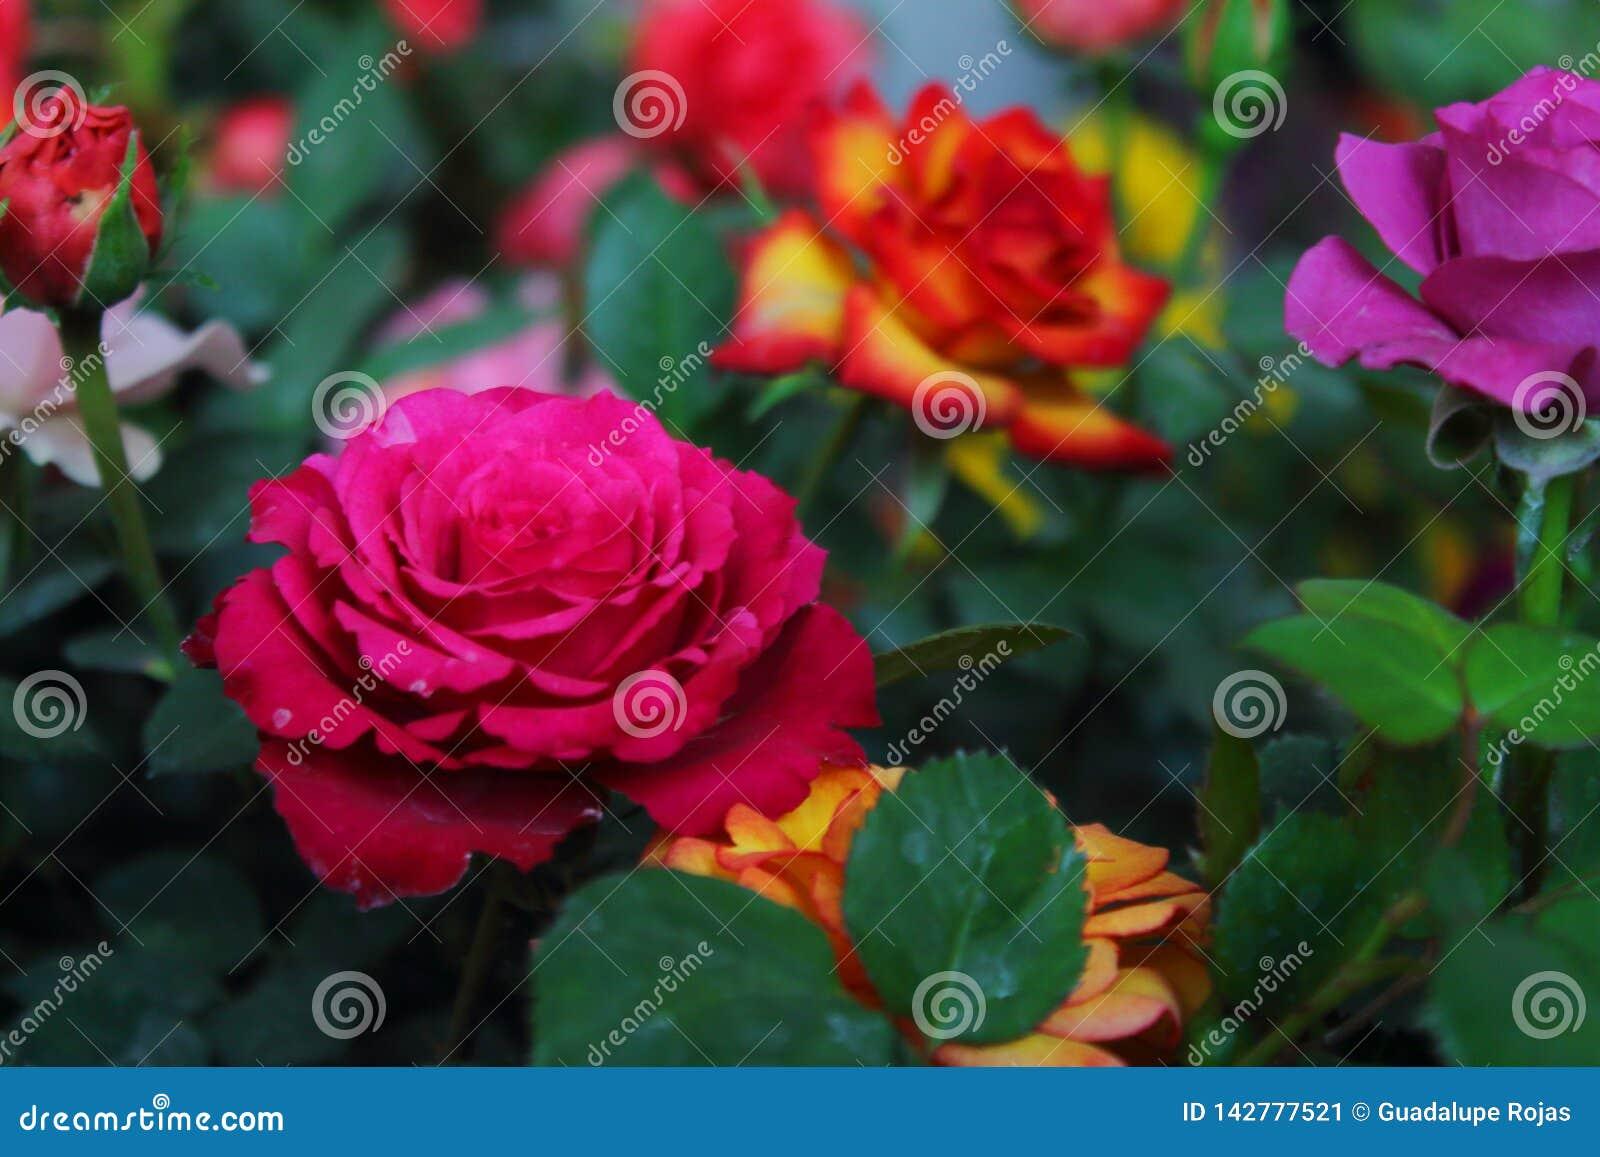 Λουλούδι του τριαντάφυλλου, με τα μεγάλα καρδιά-διαμορφωμένα πέταλα, σπονδυλικές στήλες στα φωτεινών και ποικίλης χρώματα μίσχων,